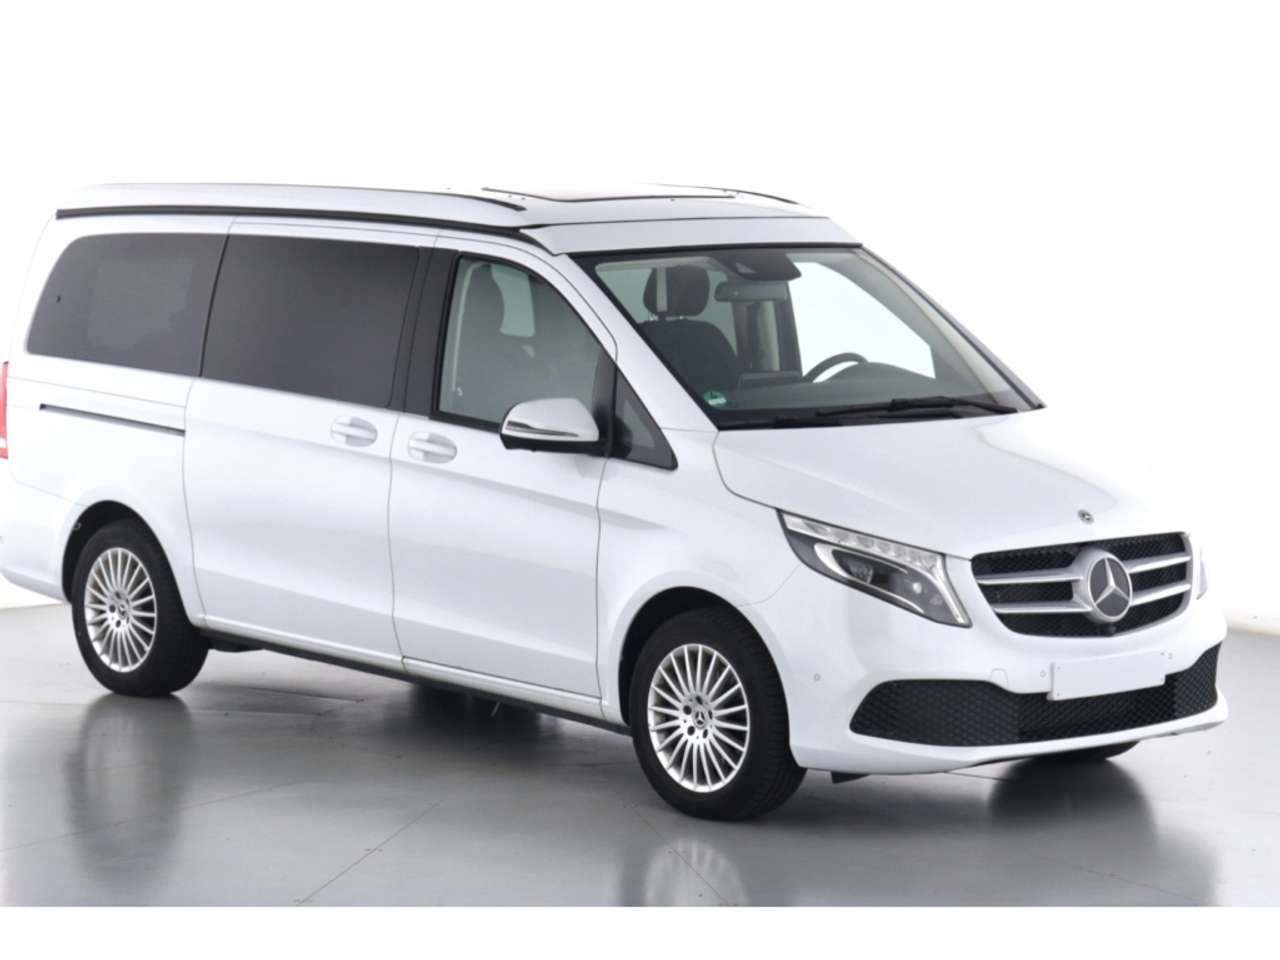 特選輸入車Vol.292 | 2021 Mercedes-Benz V 220 d Marco Polo 4×4 de(中古車)| 支払総額:¥11,993,697